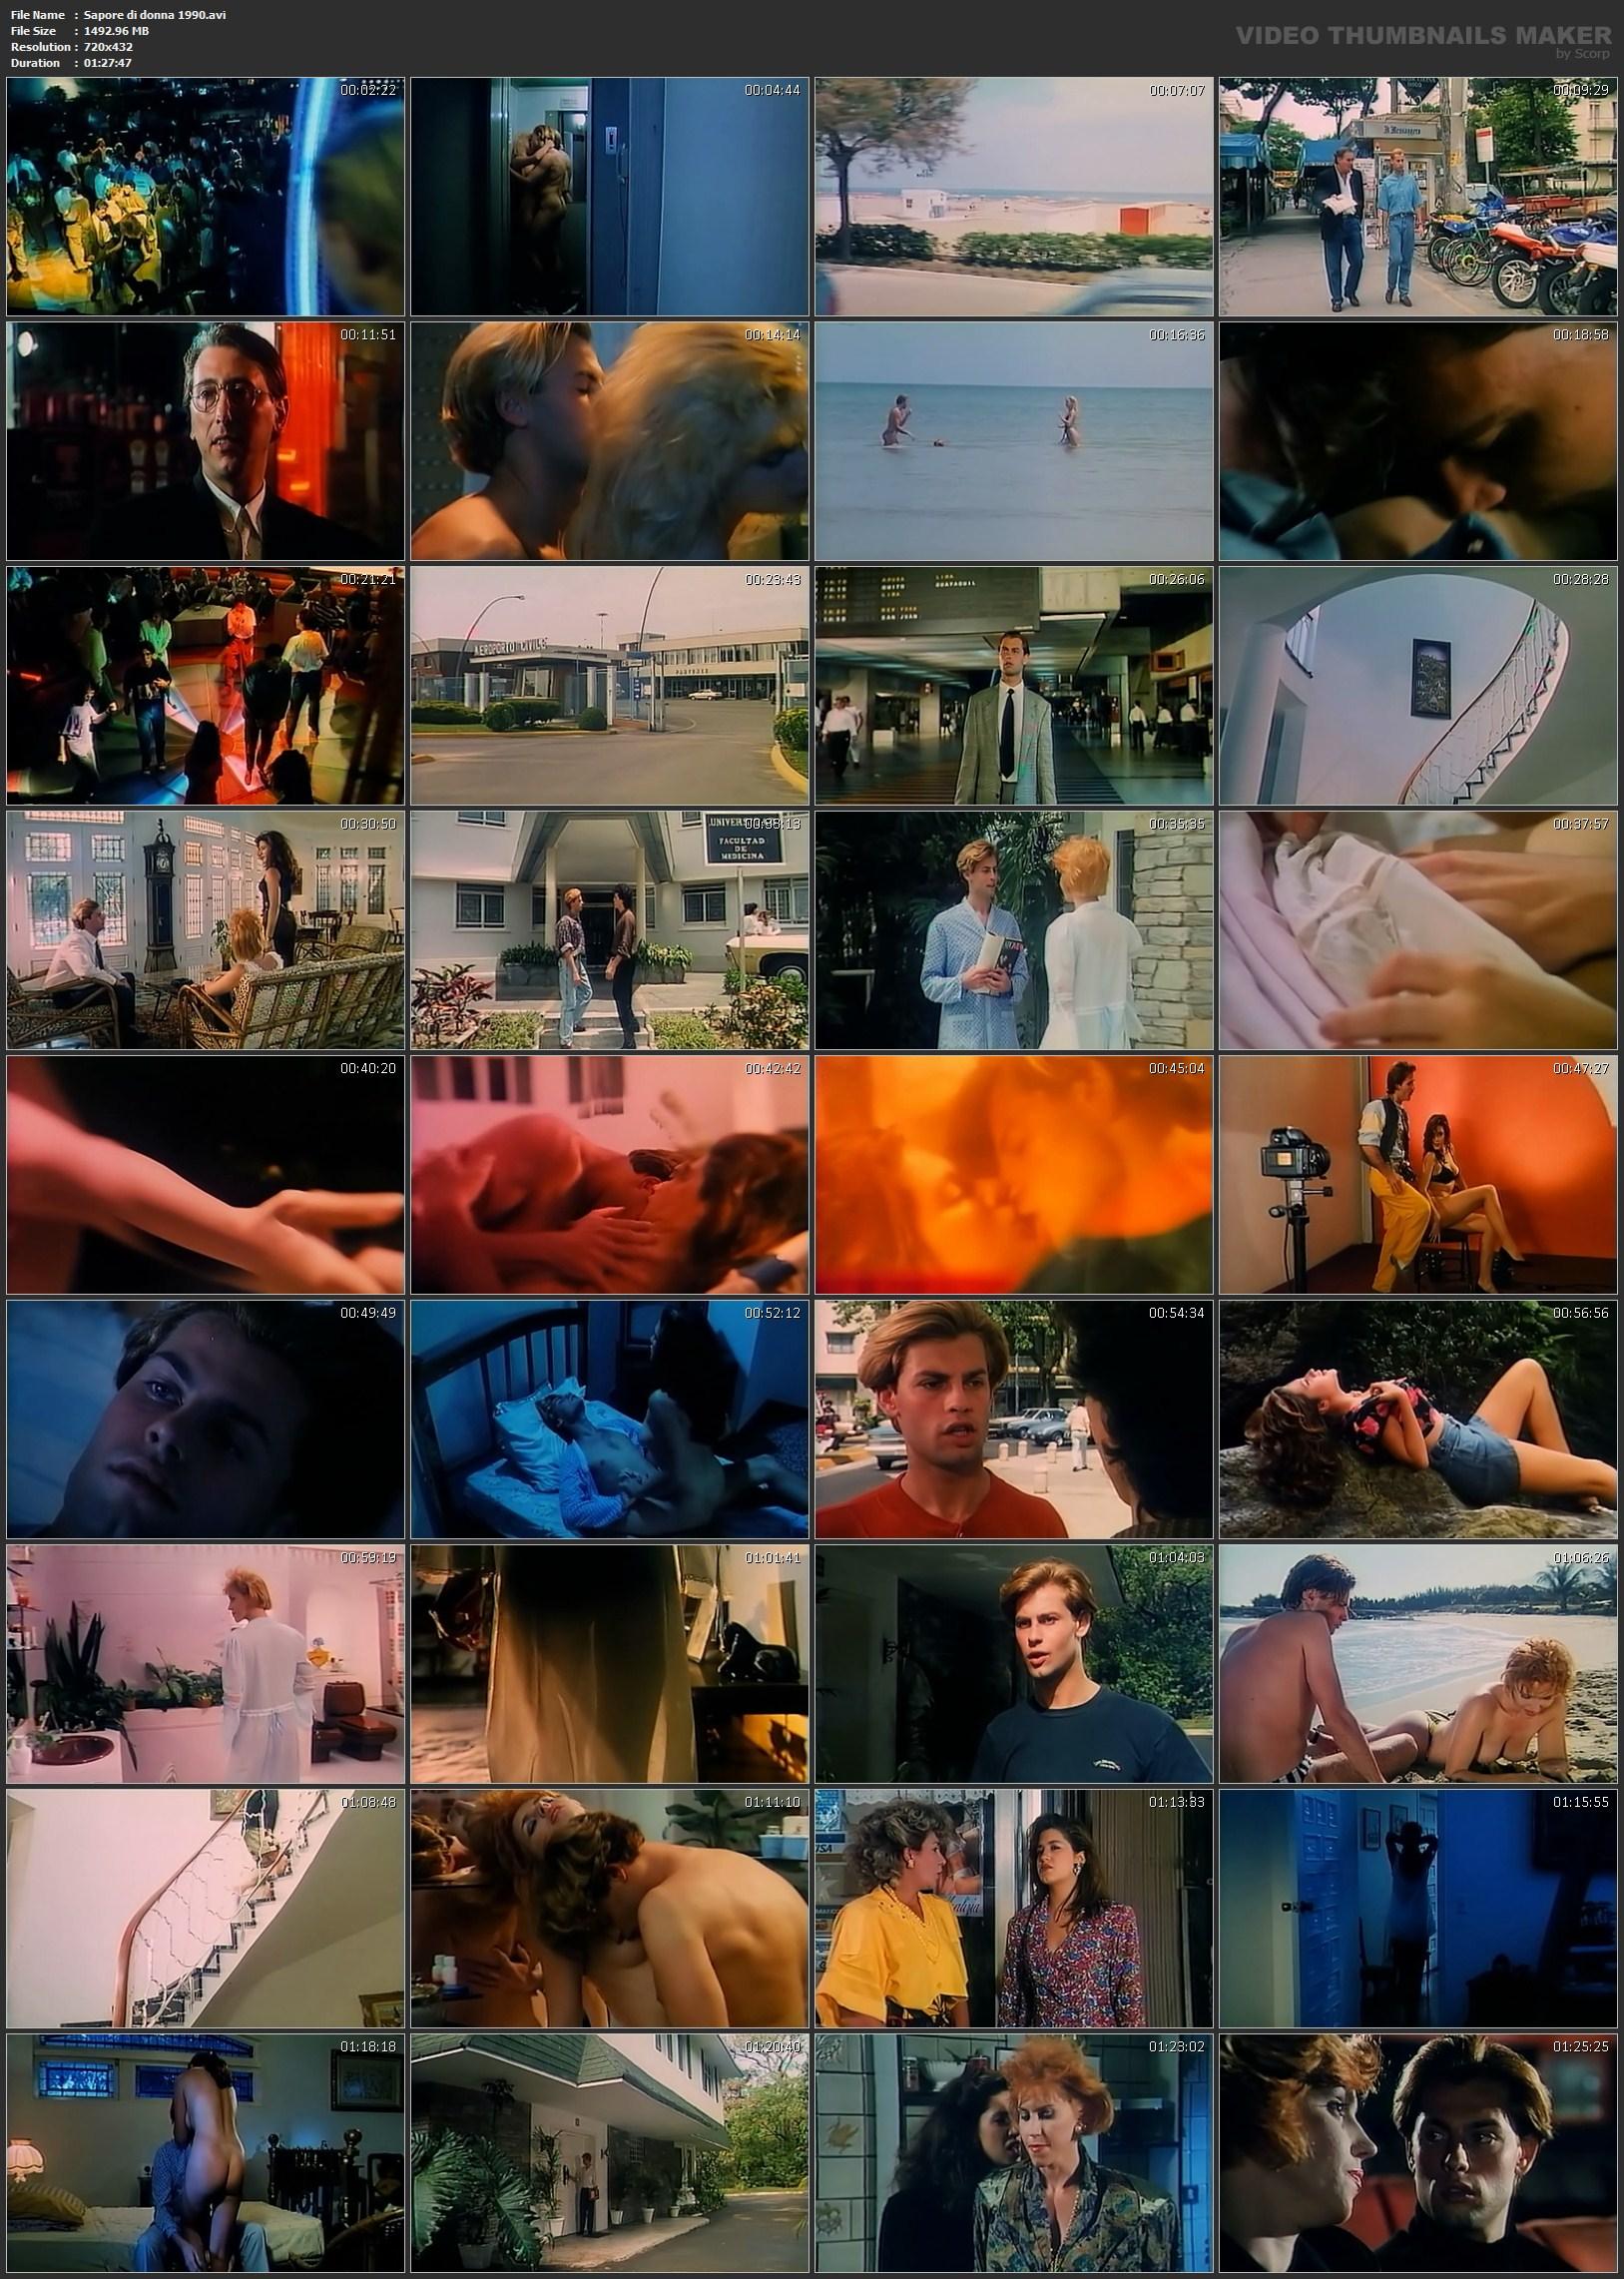 итальянский софткор фильмы общем ситуация